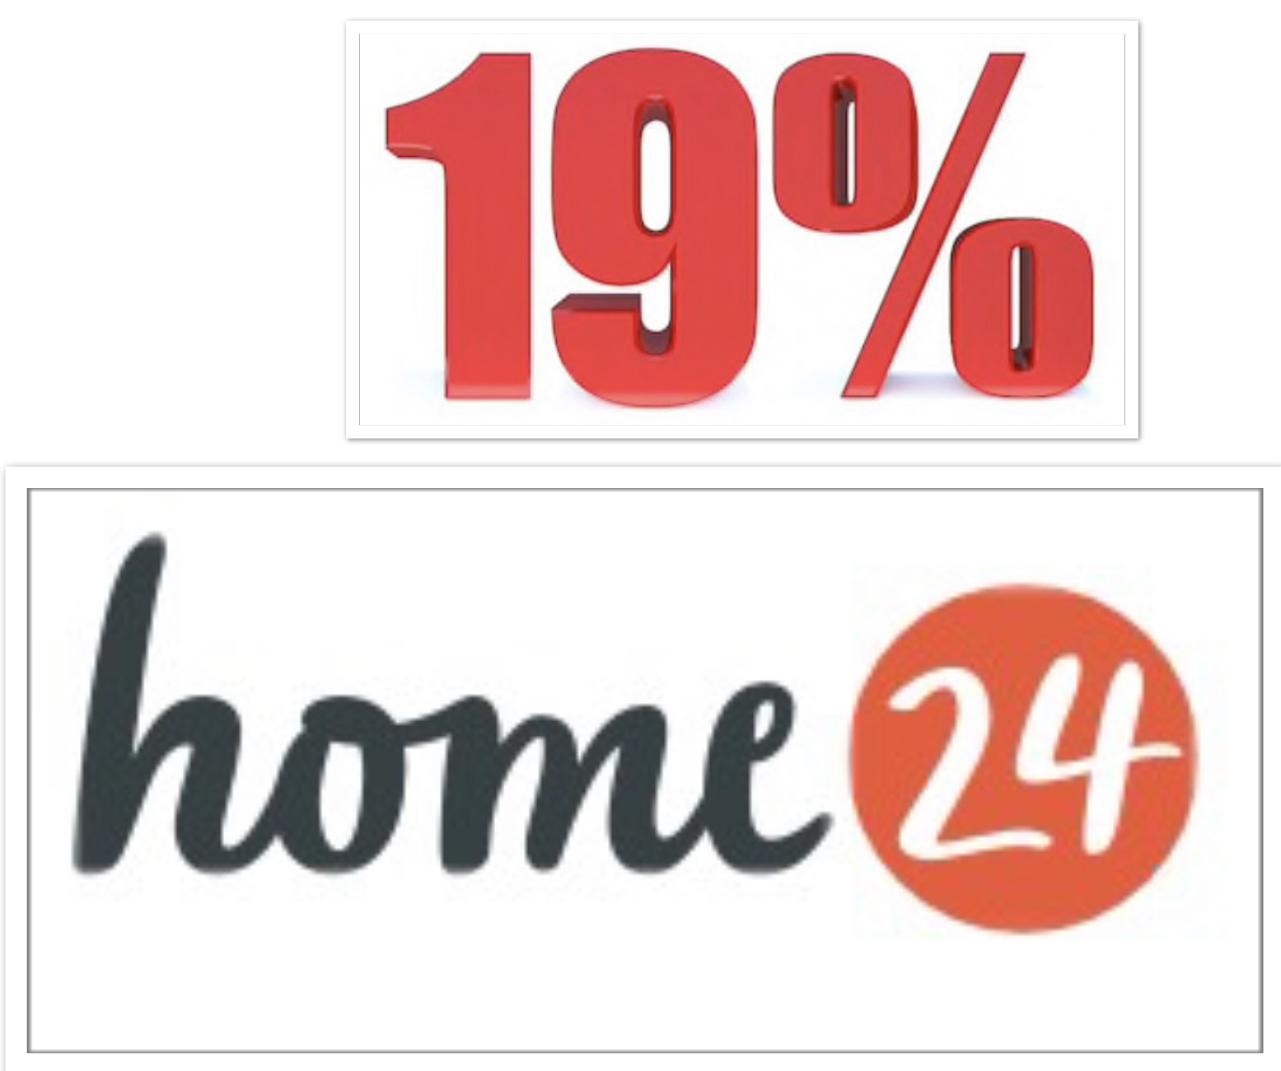 Geht weiterhin! - 19% Rabatt zum Neujahr auf ALLES was nicht reduziert ist (MBW 150€) bei home24